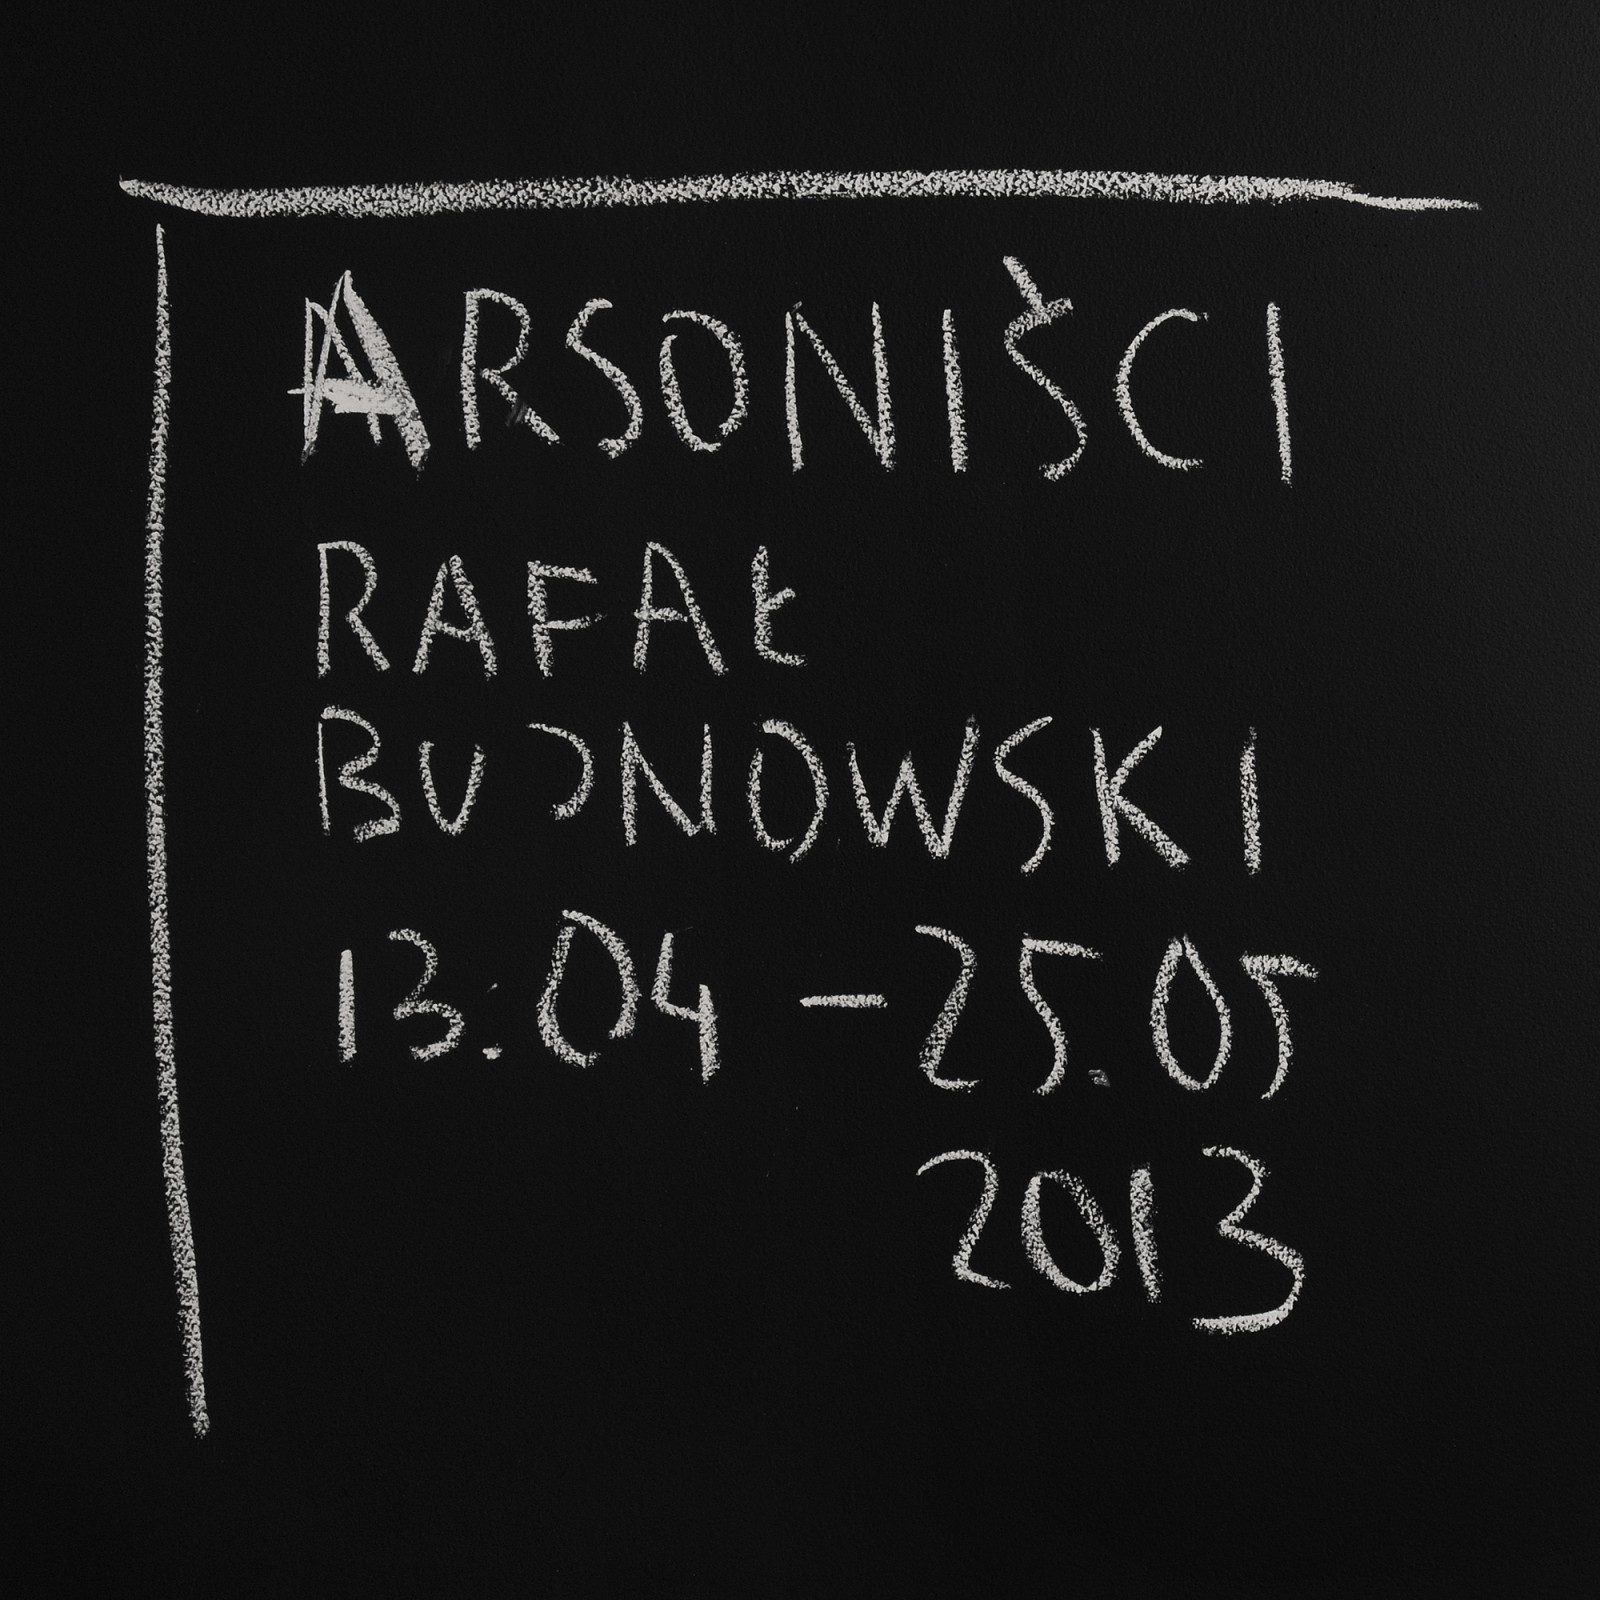 arsonisci